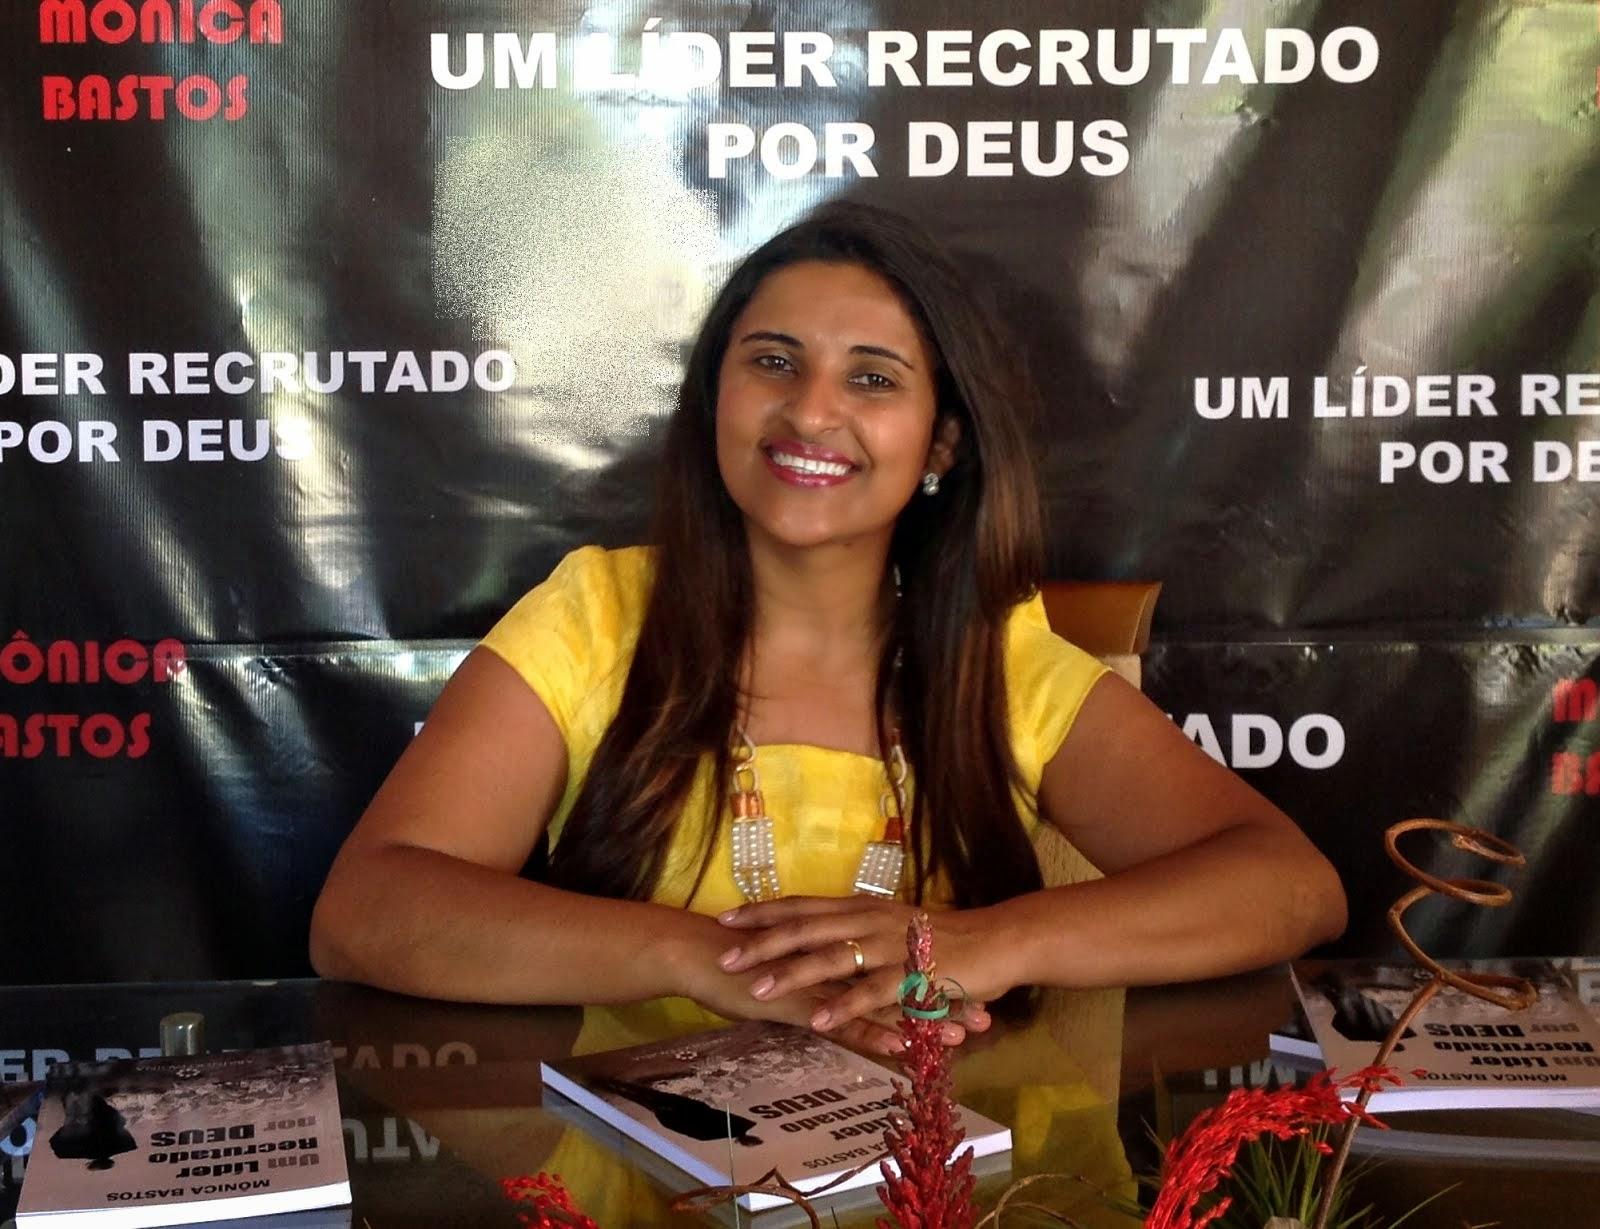 Mônica Bastos - Um Líder Recrutado Por Deus.